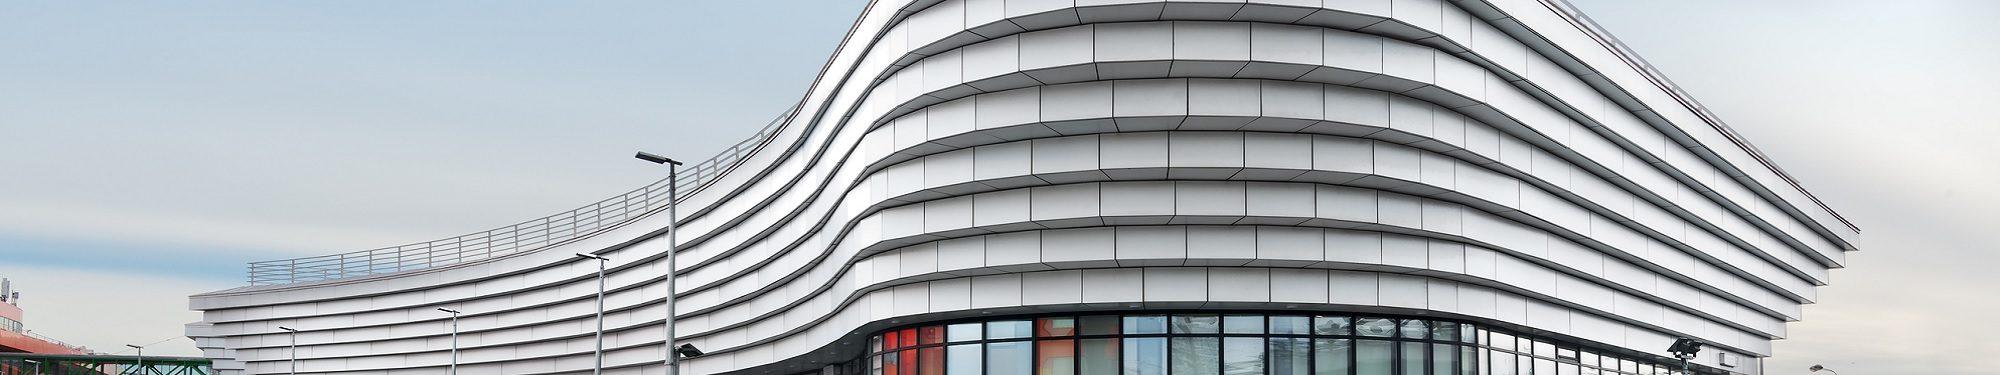 Абстрактный фасад